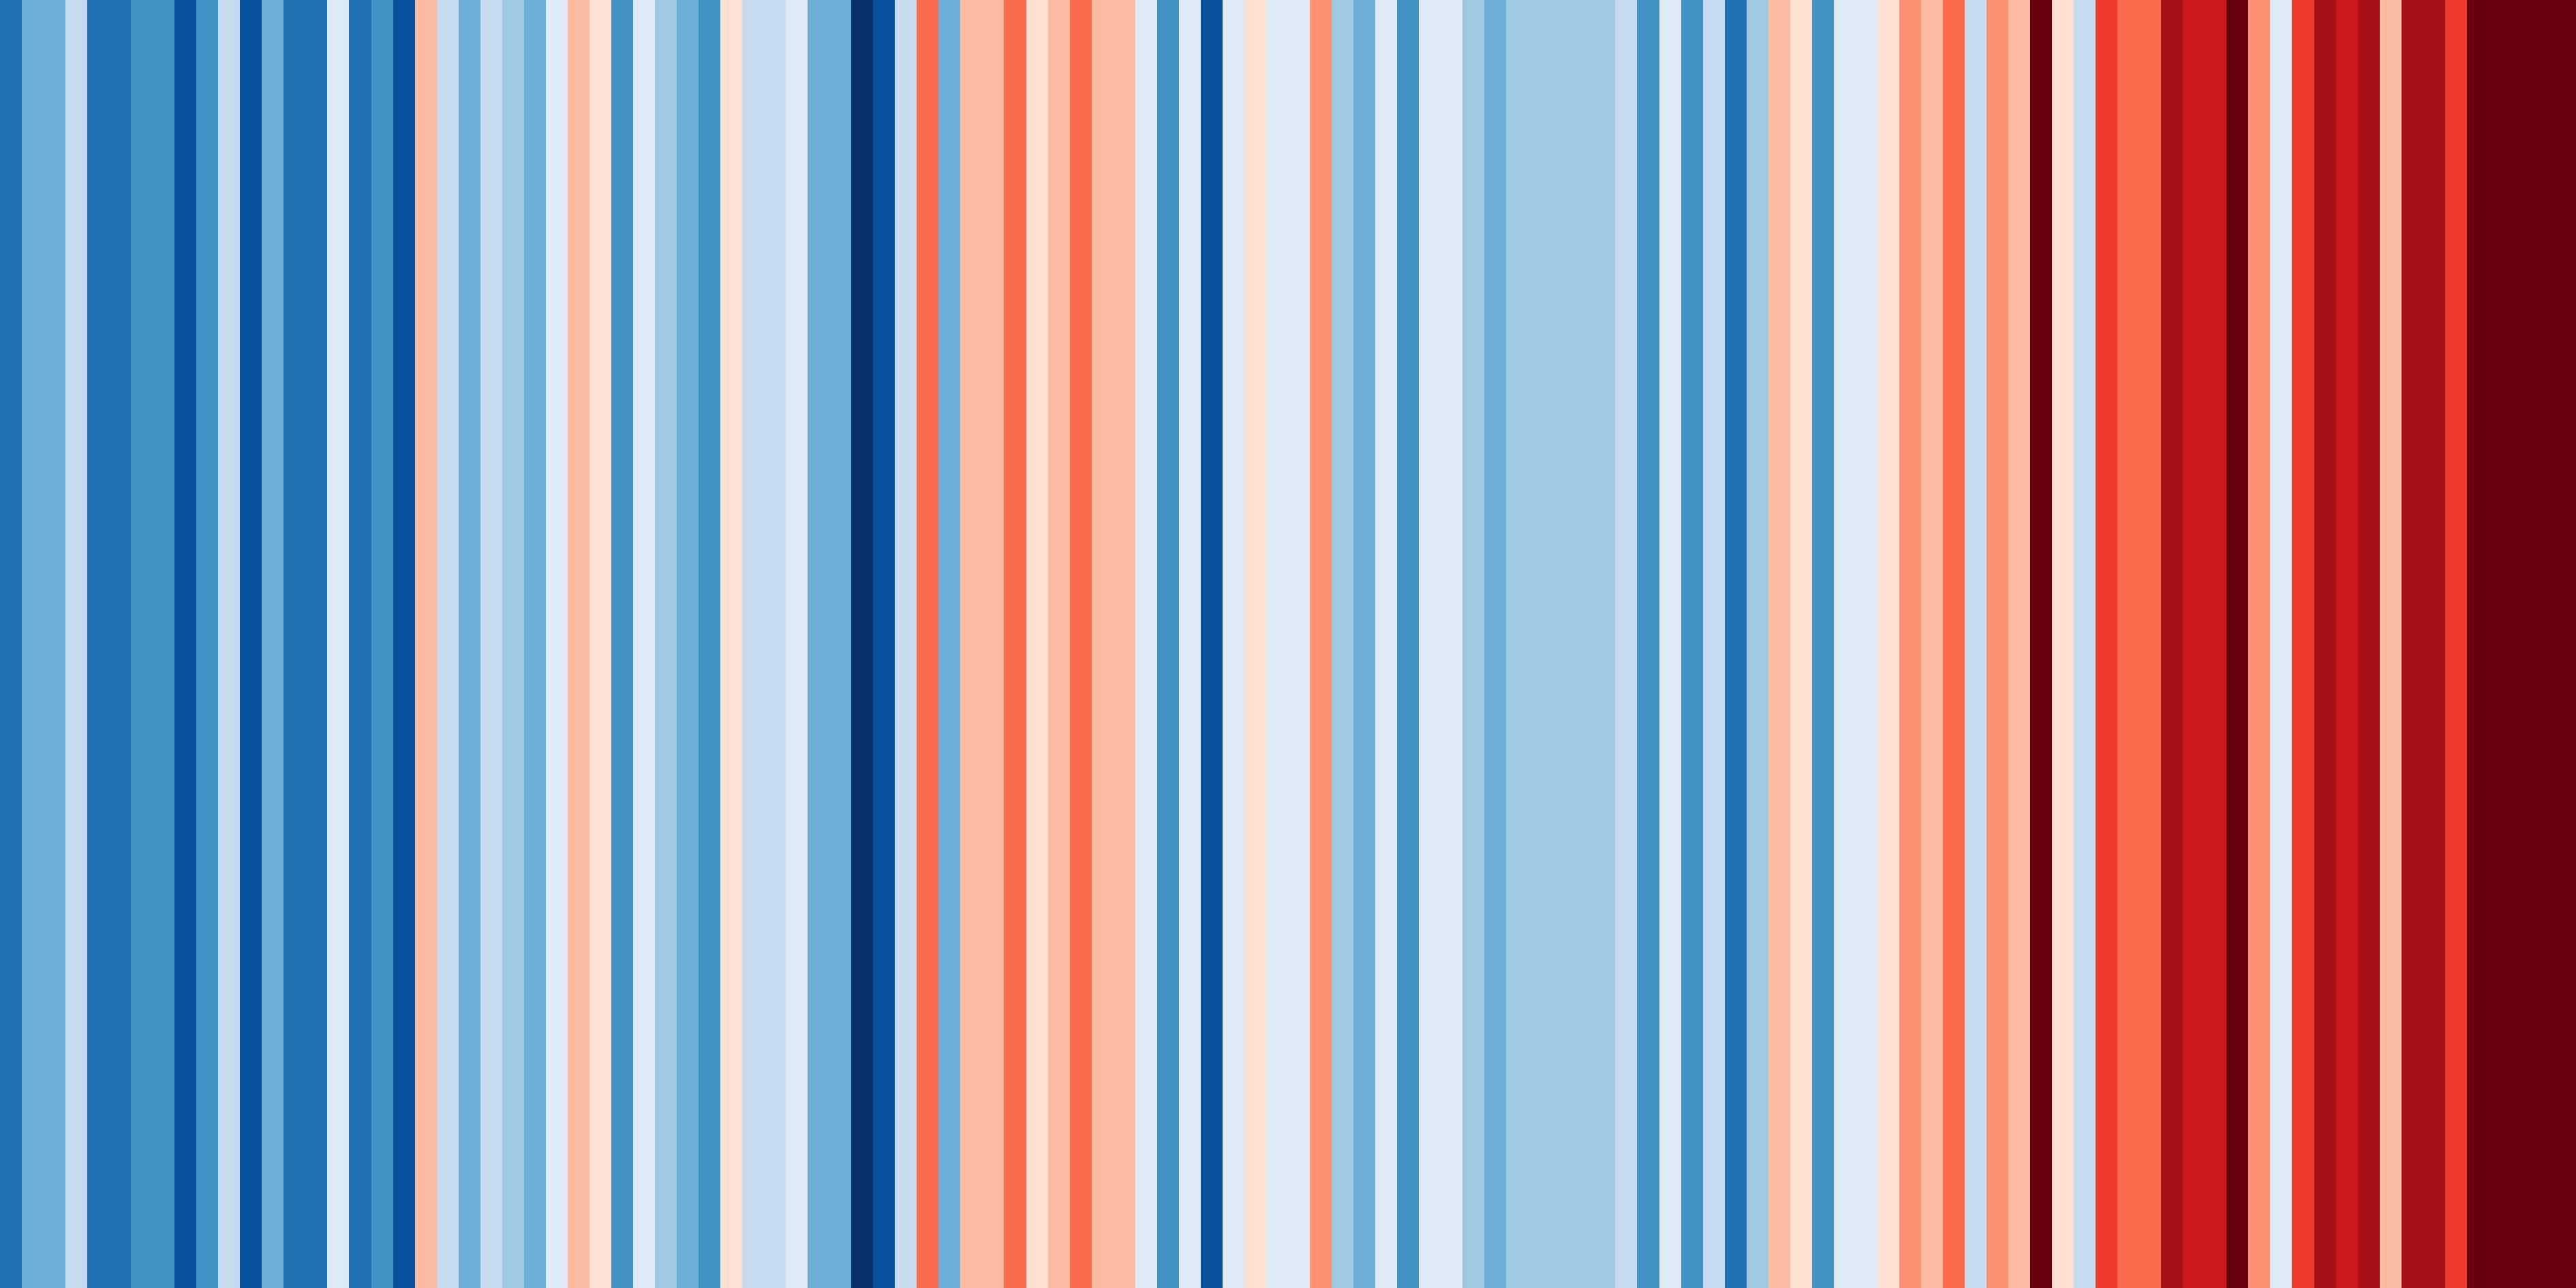 Italia: rappresentazione visuale della media annuale delle temperature italiane dal 1850 al 2018. — (Progetto #ShowYourStripes dello scienziato Ed Hawkins)